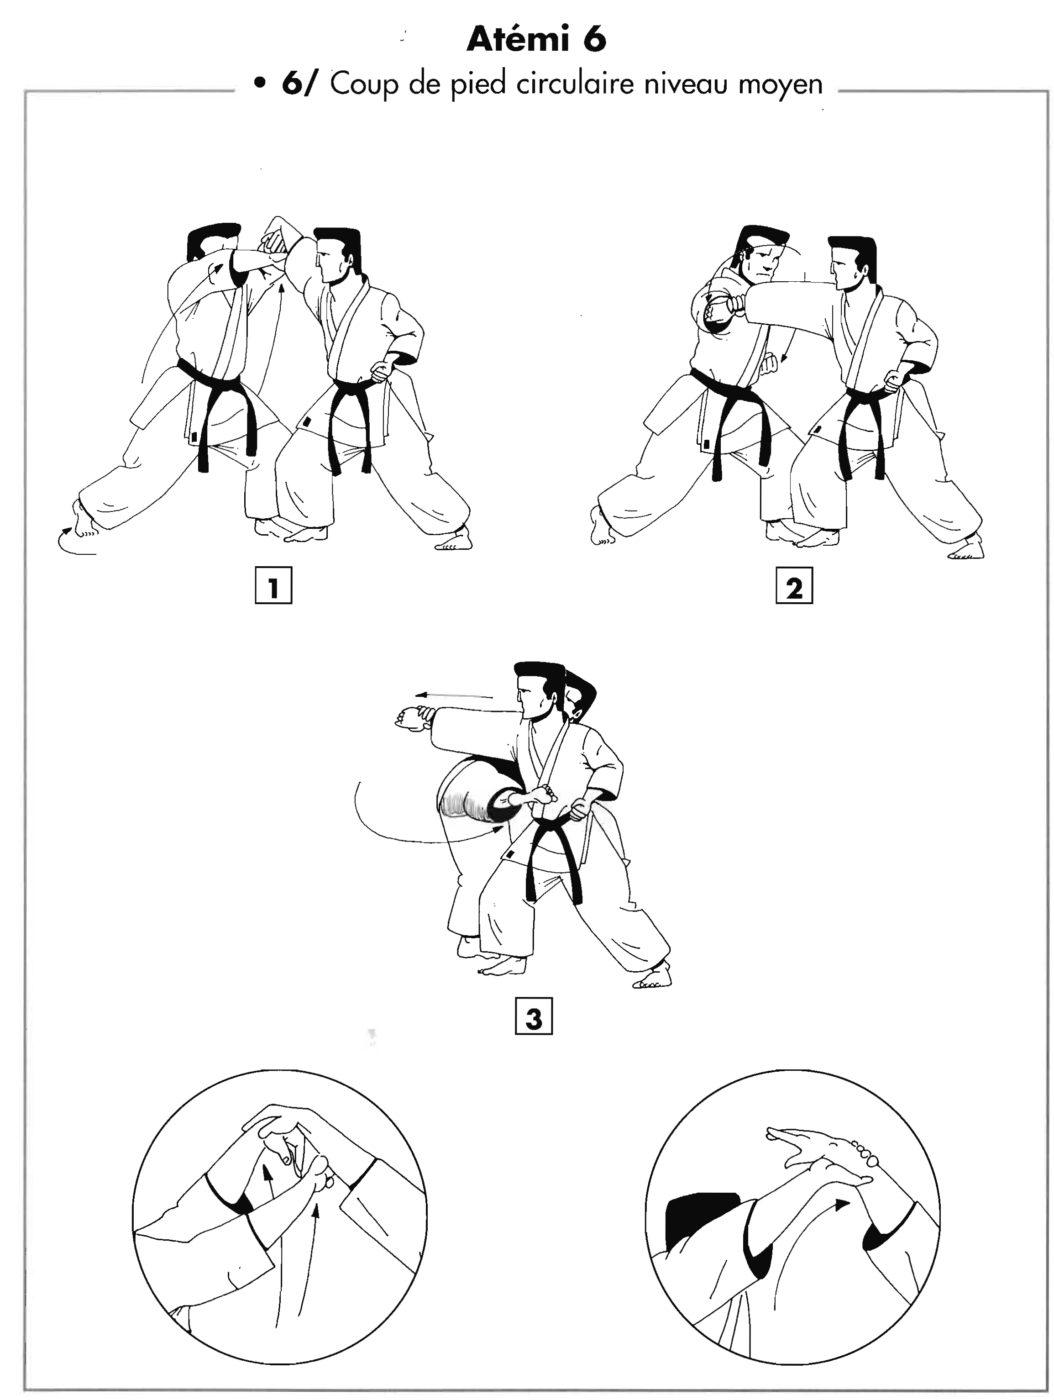 Atemi : chudan mawashi geri – coup de pied circulaire niveau moyen